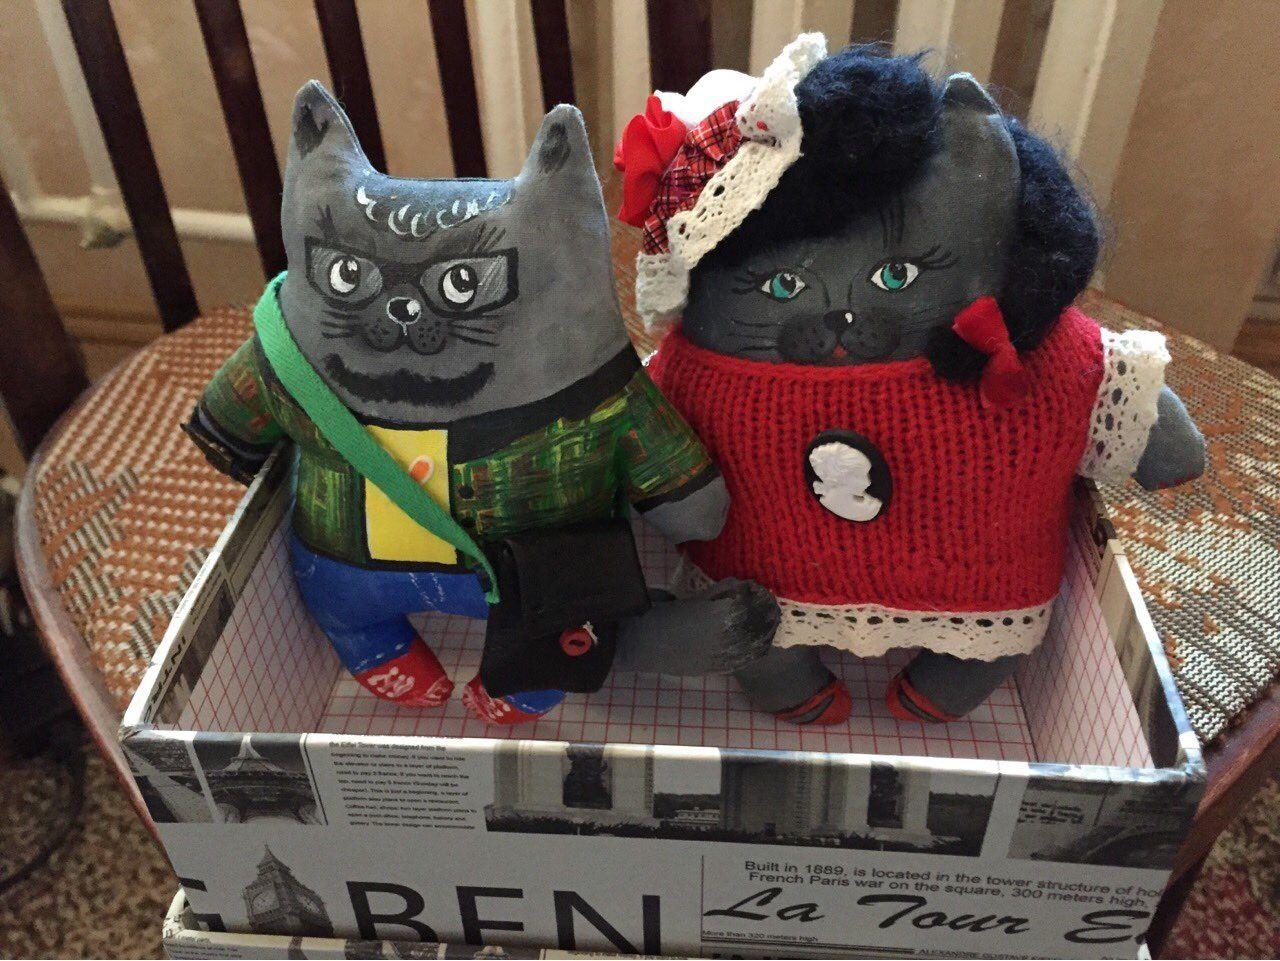 аромотерапия аромоигрушка кофейныекотики кукла подарок